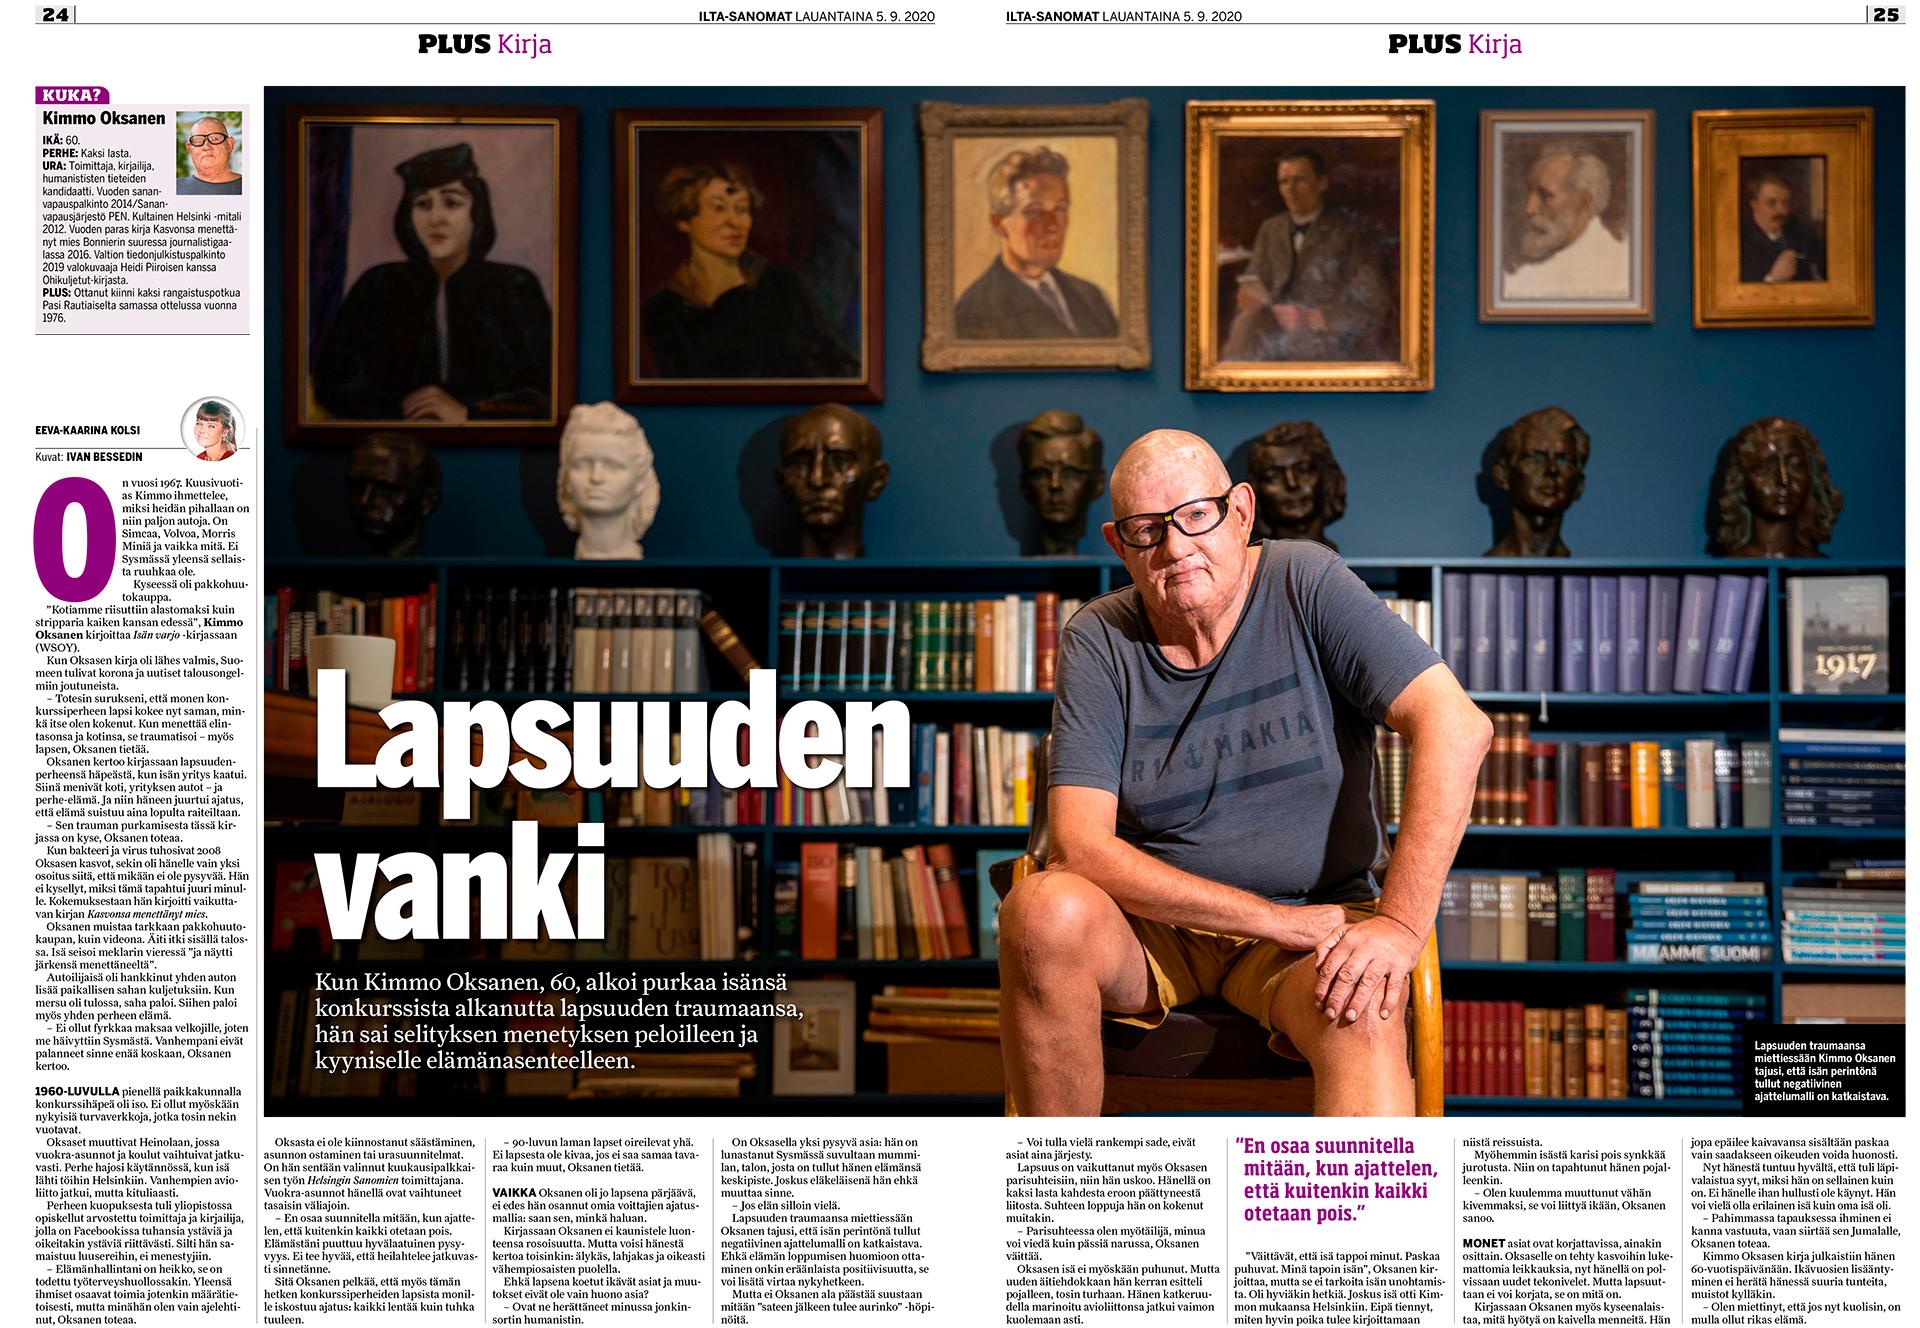 Kimmo Oksanen, Helsingin Sanomat, toimittaja, kolumnisti, kirjailija